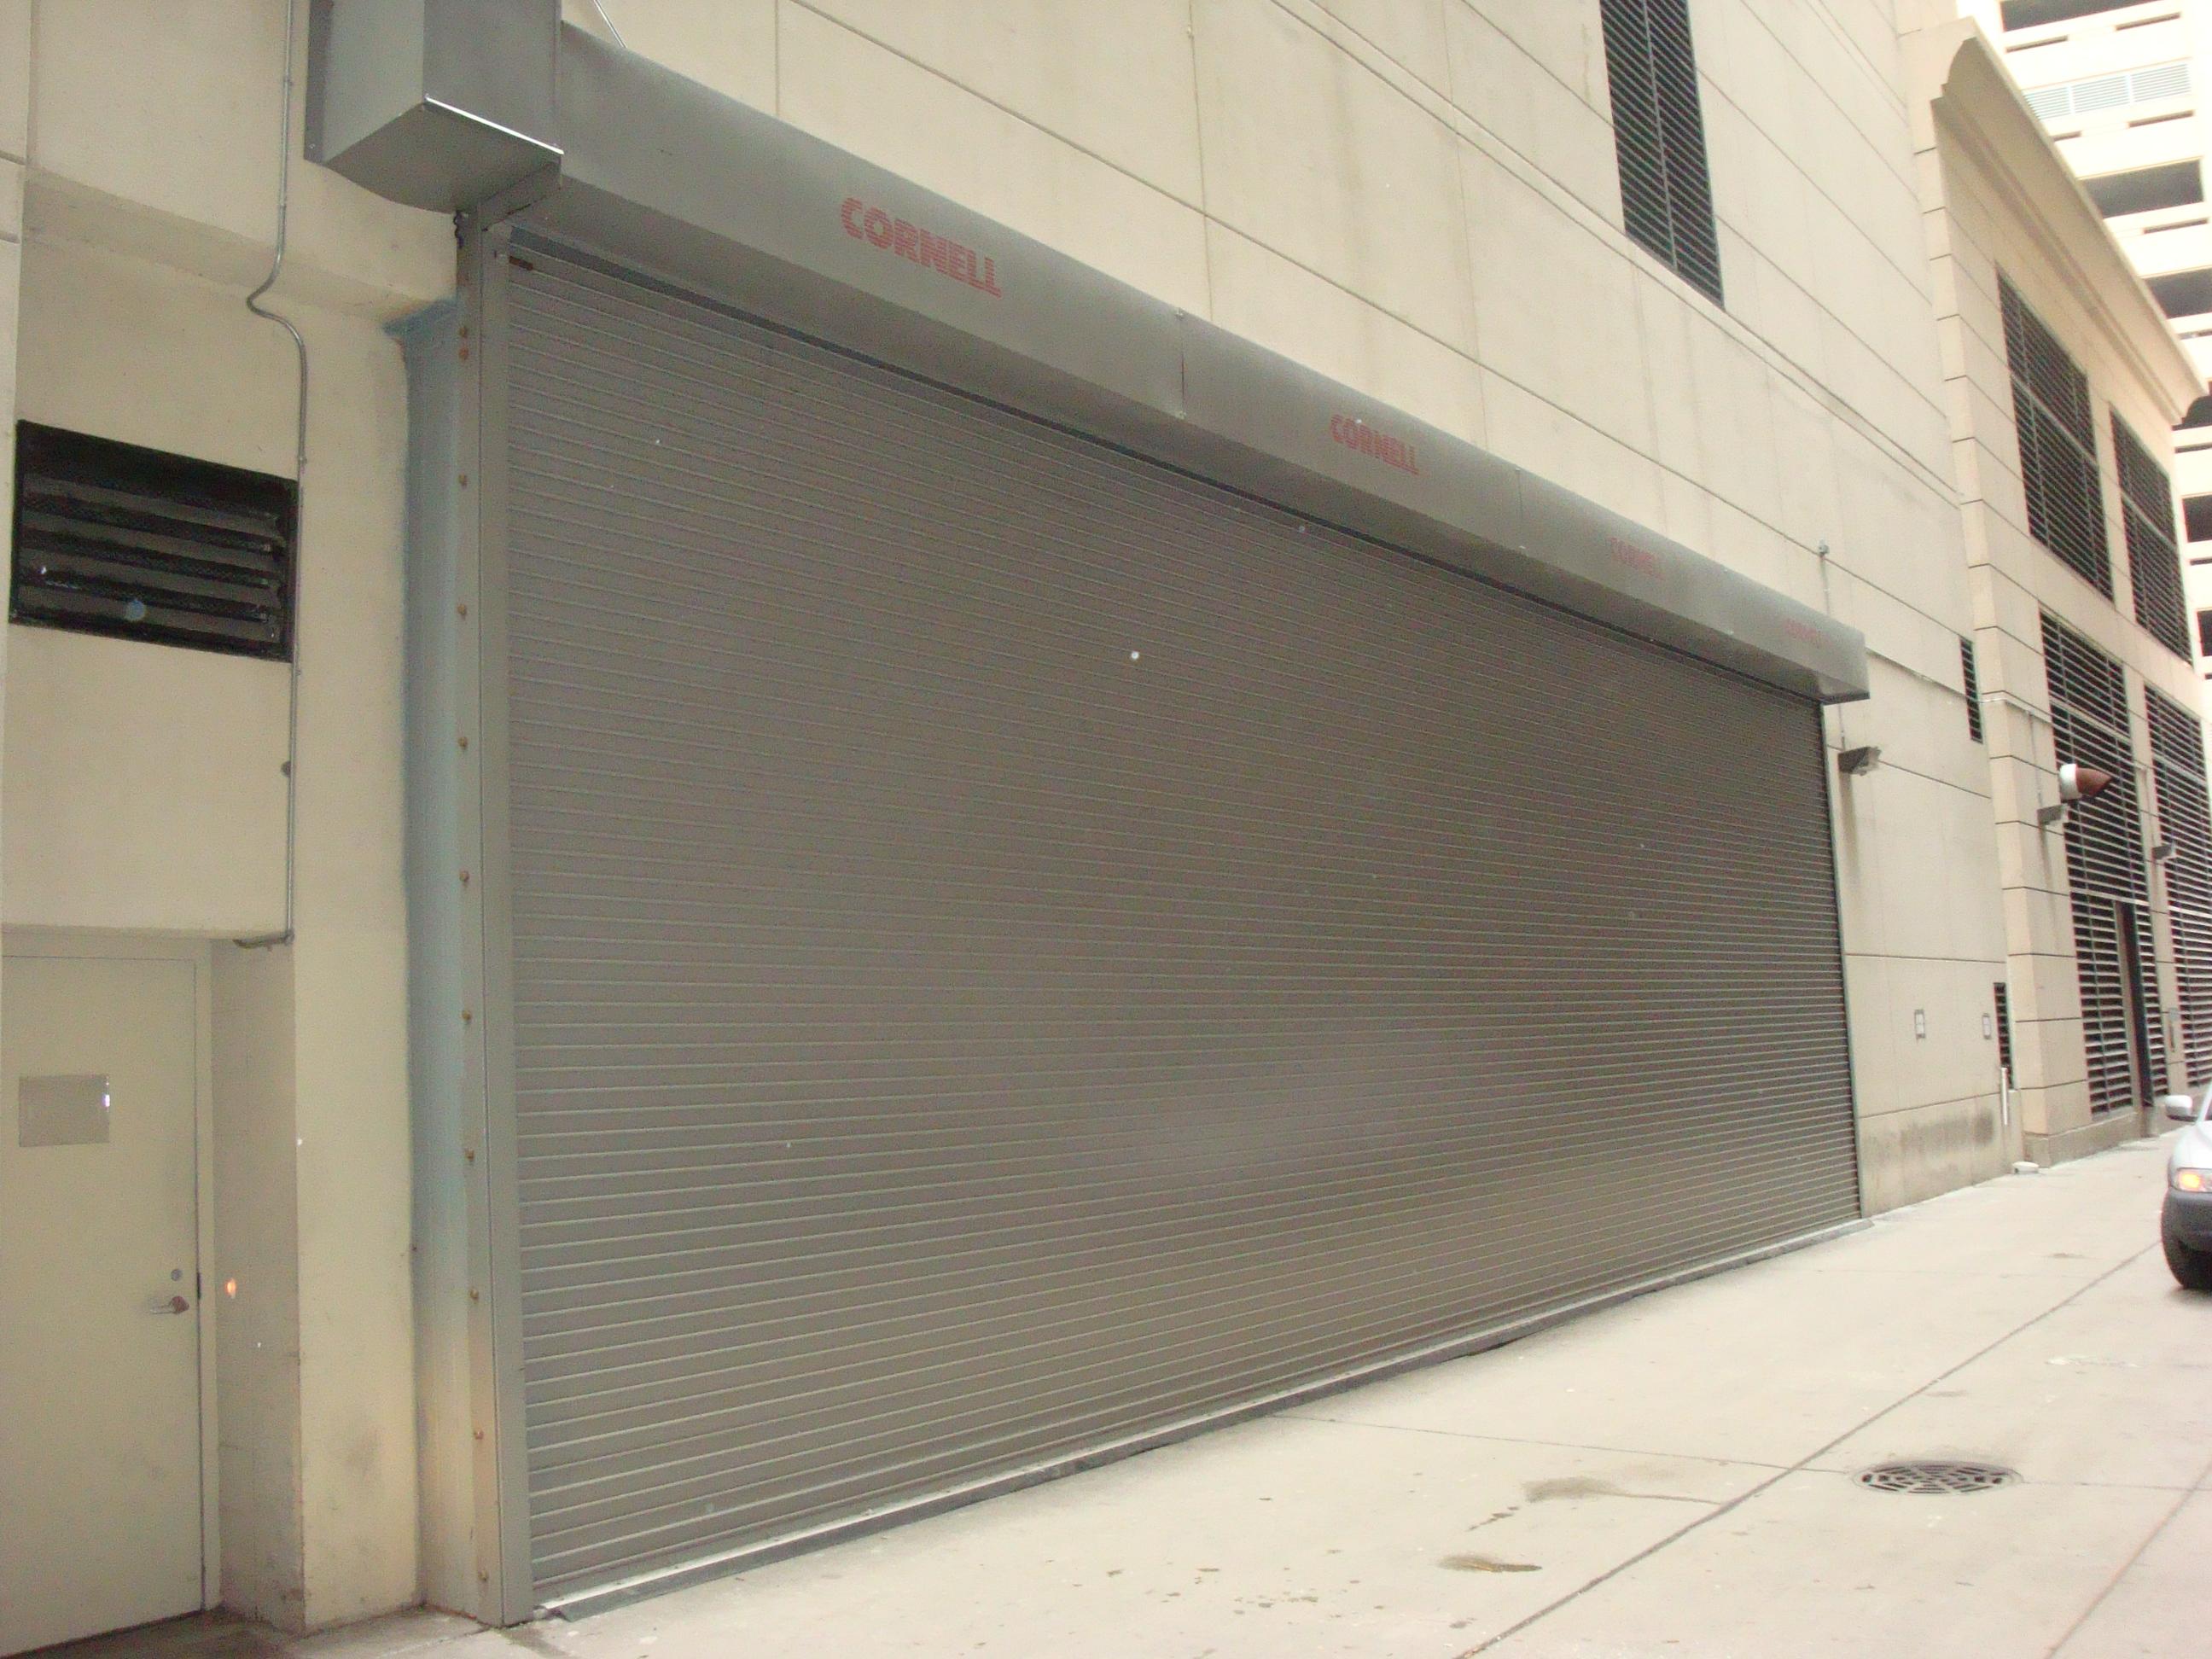 Hotel Receiving Door & Anagnos Door Co. - Coiling Doors Images | ProView